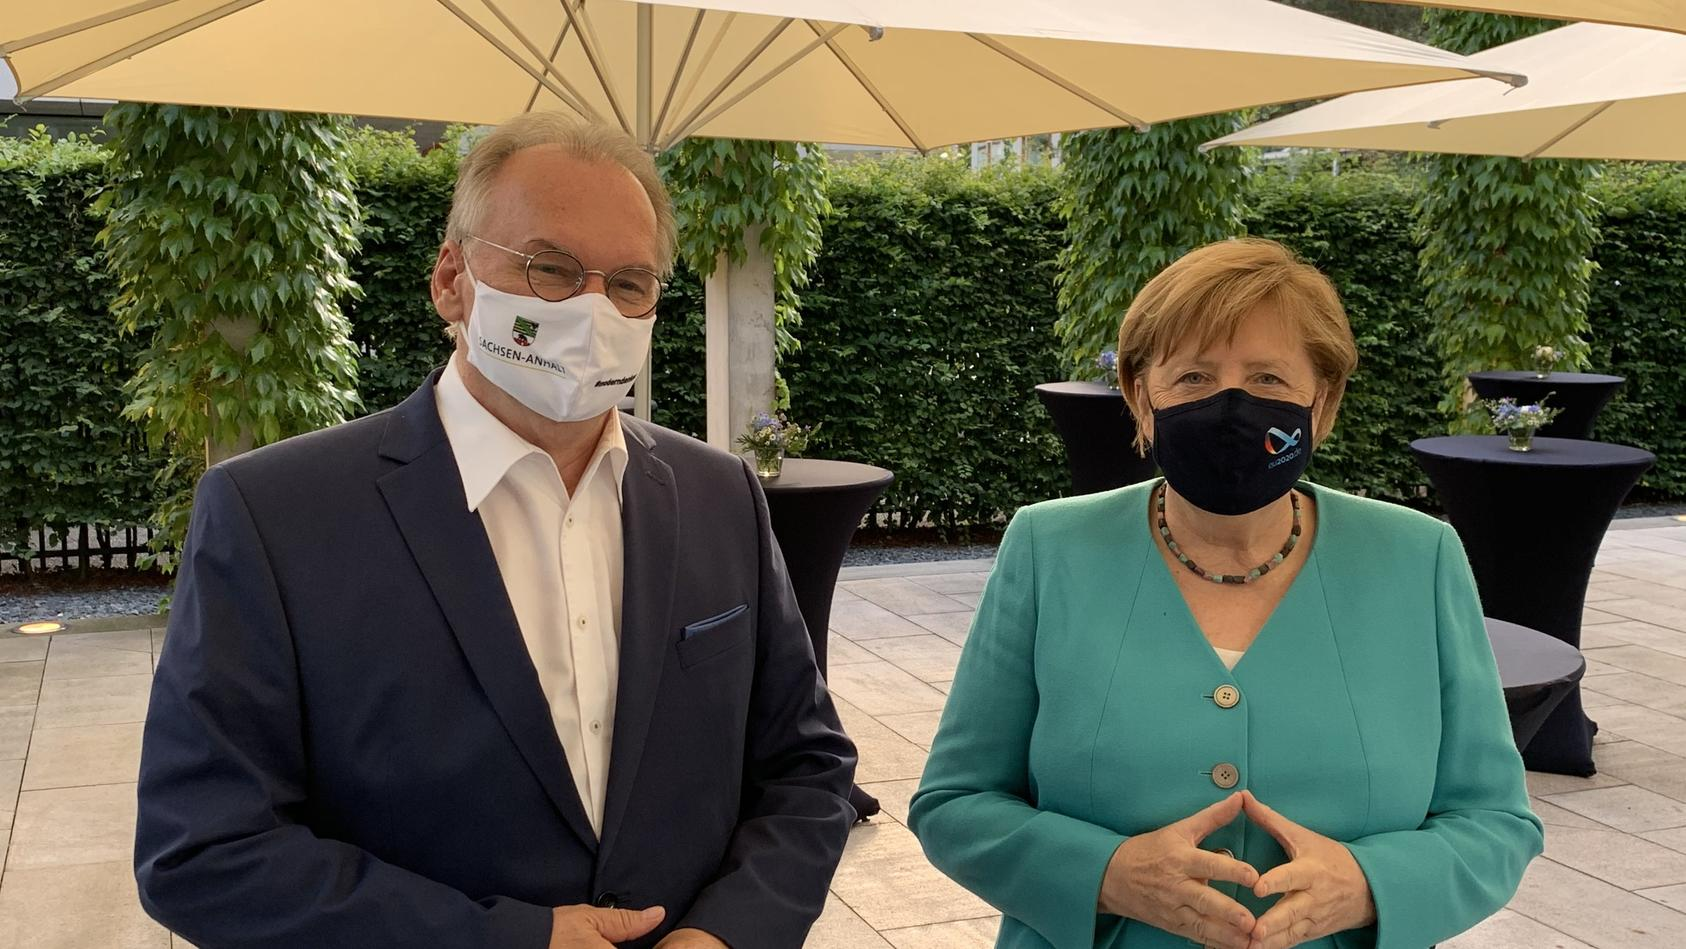 Bundeskanzlerin Merkel zeigt sich zum ersten Mal mit Maske